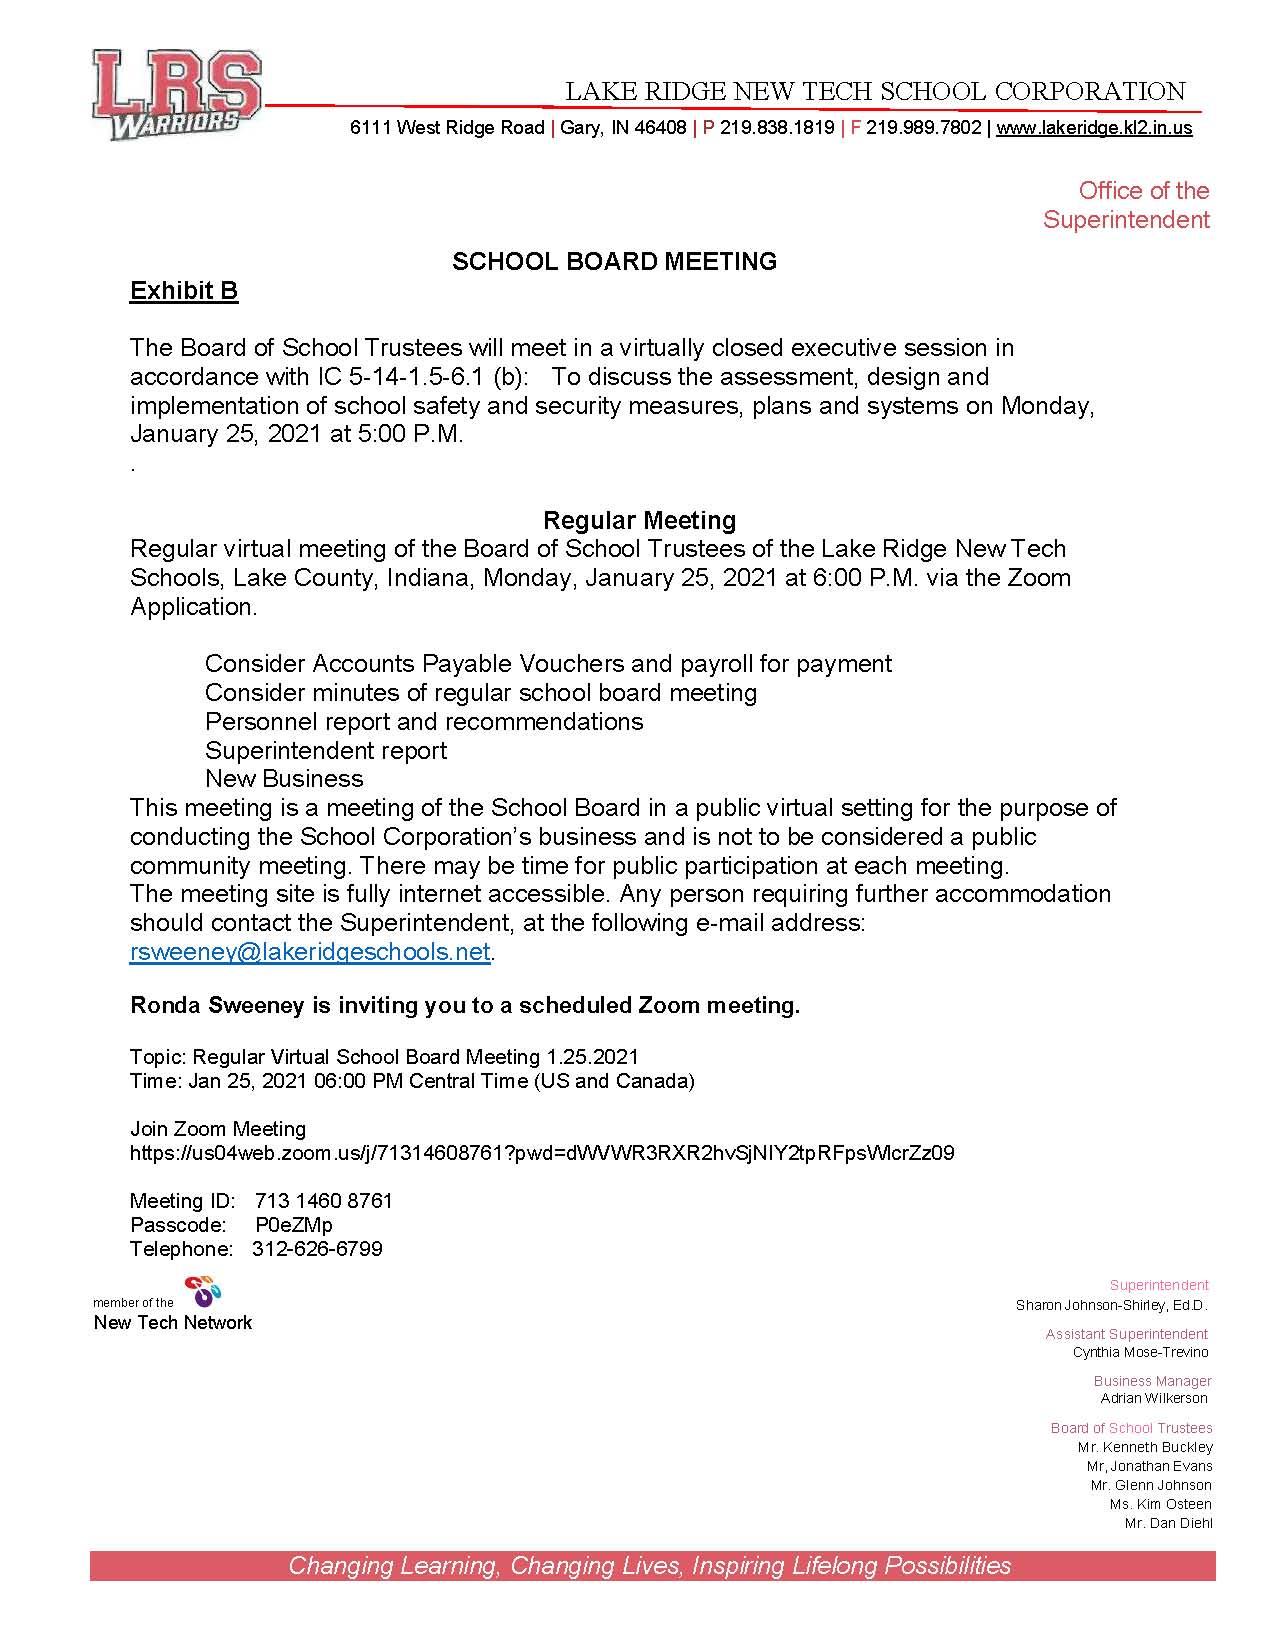 Board Notice